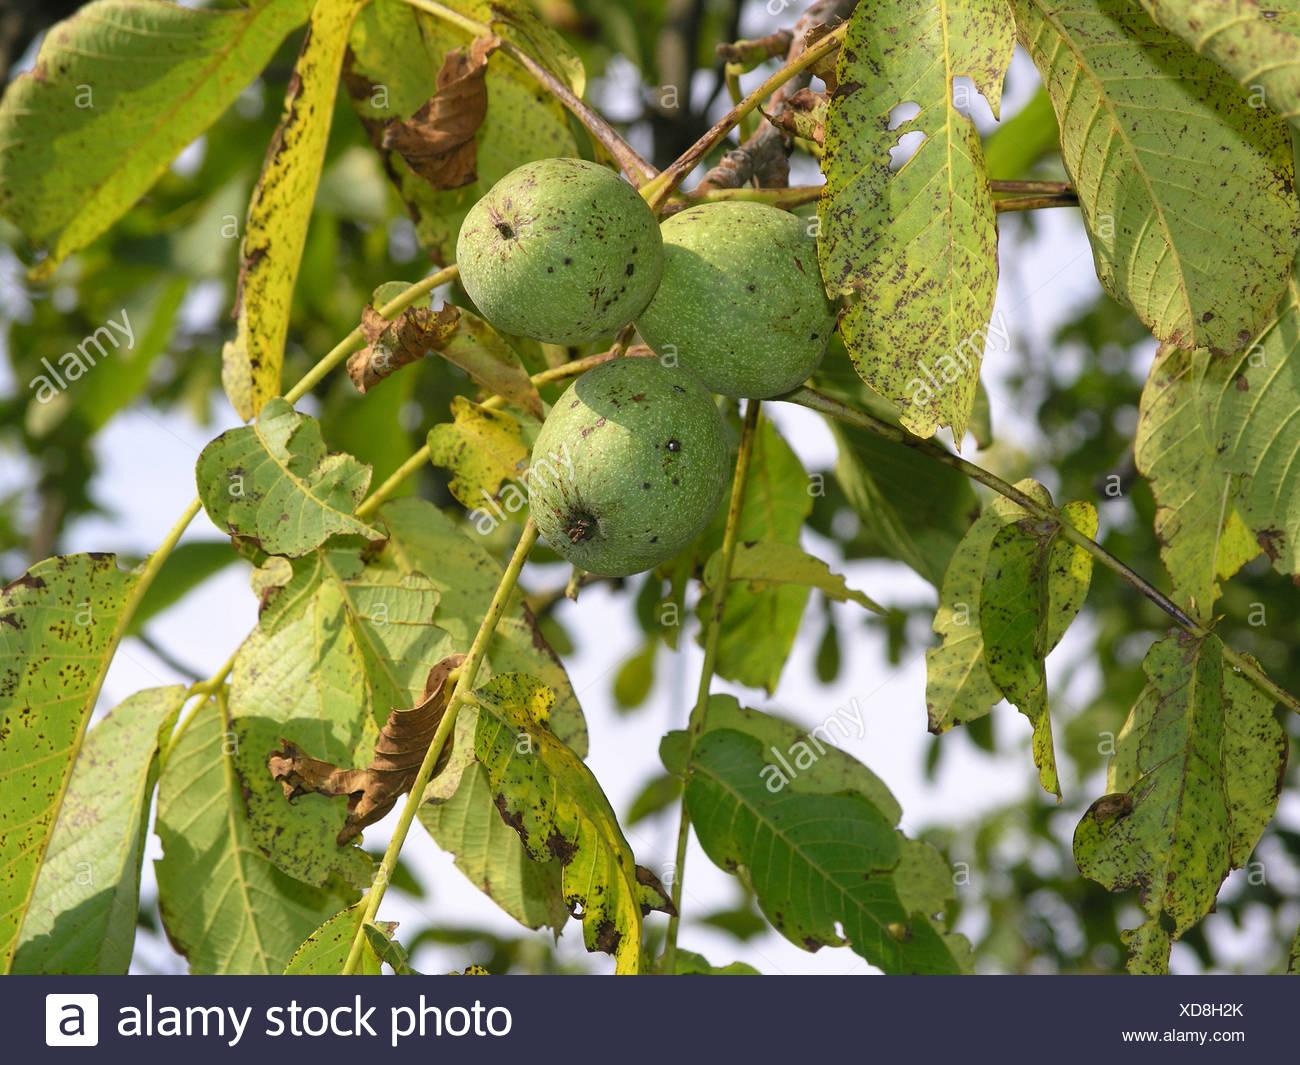 Atemberaubend Früchte Die Blätter Färben Bilder - Framing ...